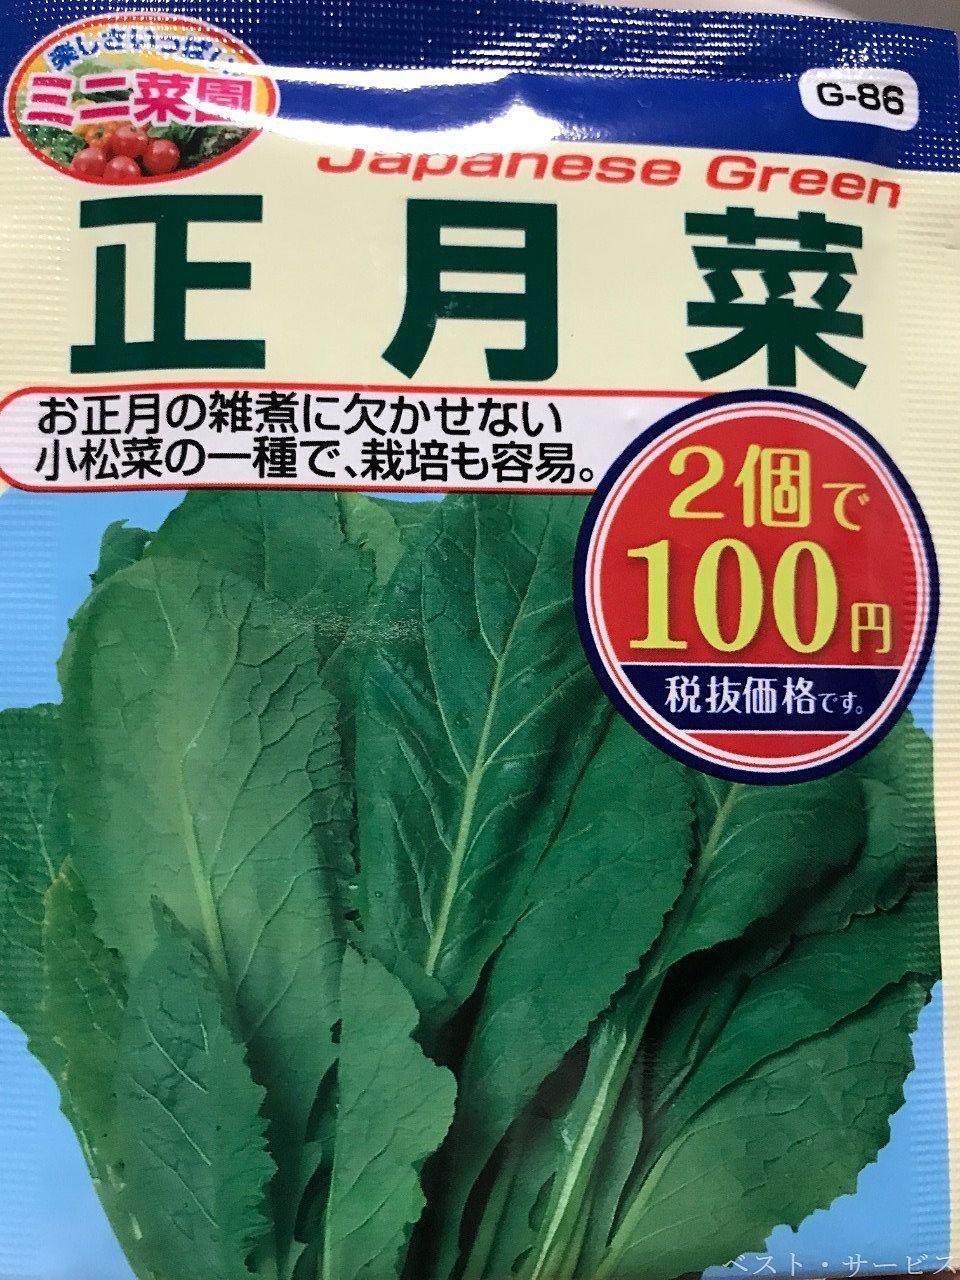 正月菜・しらな(しろな)とも呼ぶ、小松菜と同じ仲間の菜っ葉です